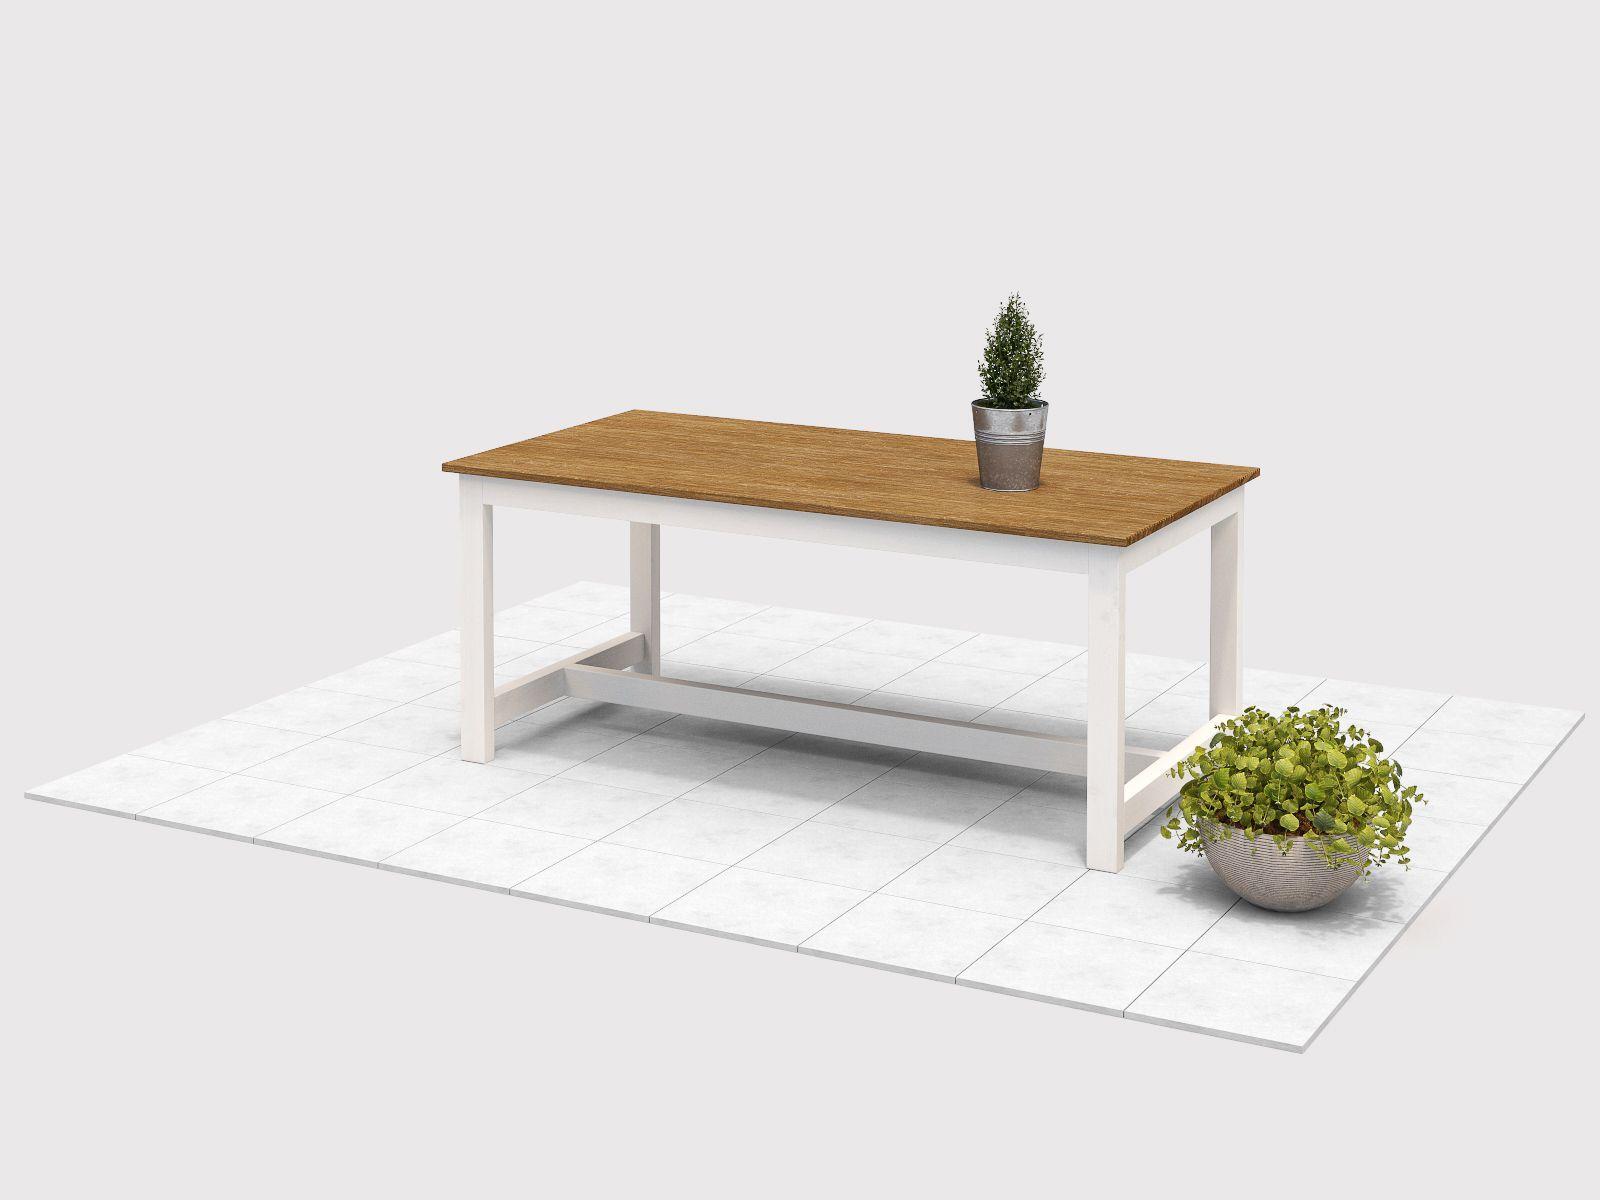 Gartentisch Richard Selber Bauen Alle Mobel Create By Obi Gartentisch Gartentisch Selber Bauen Tisch Selber Bauen